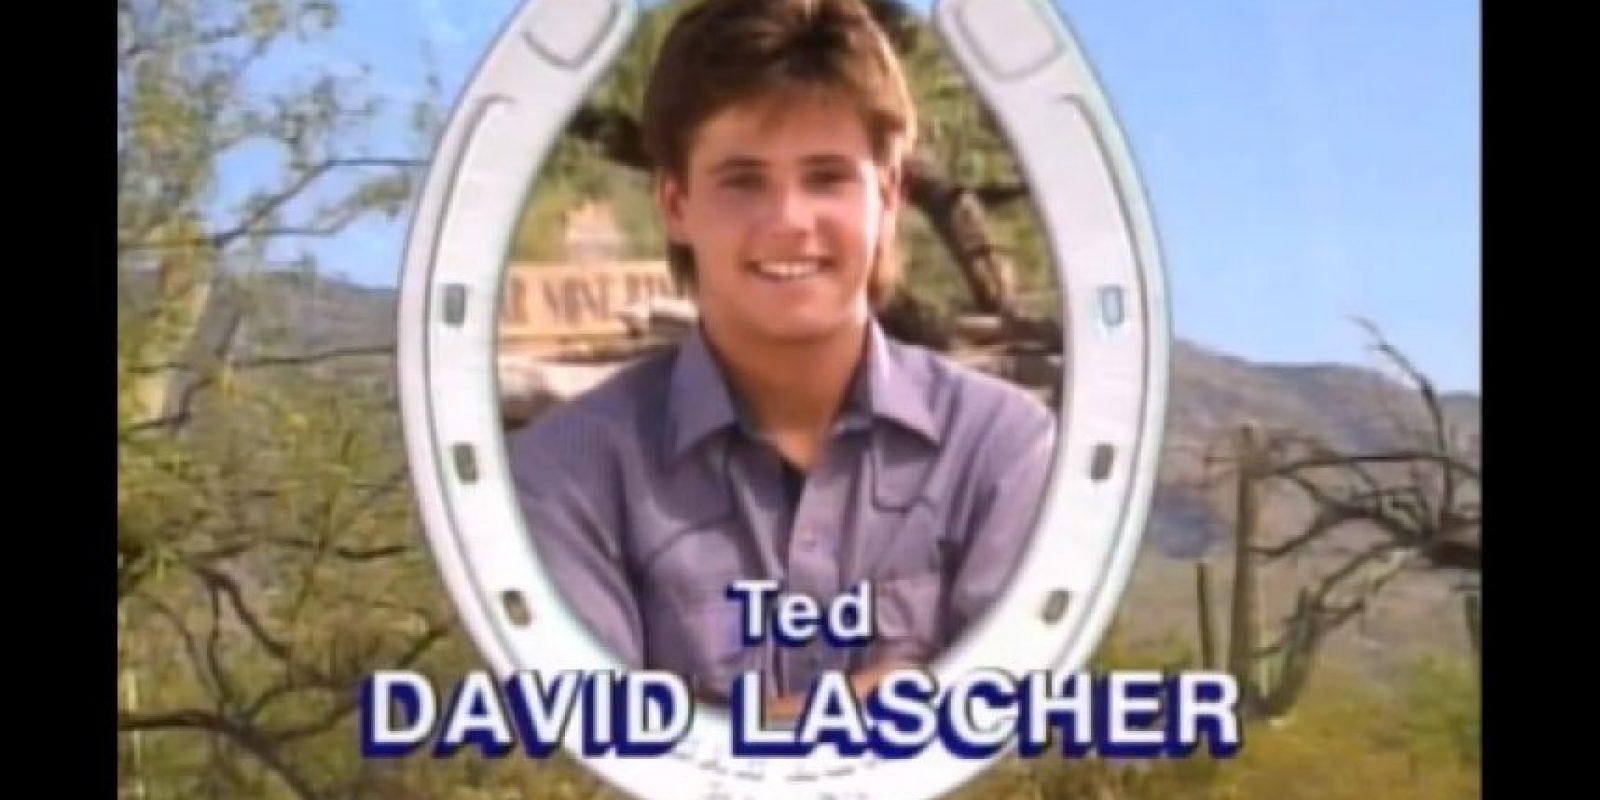 David Lascher